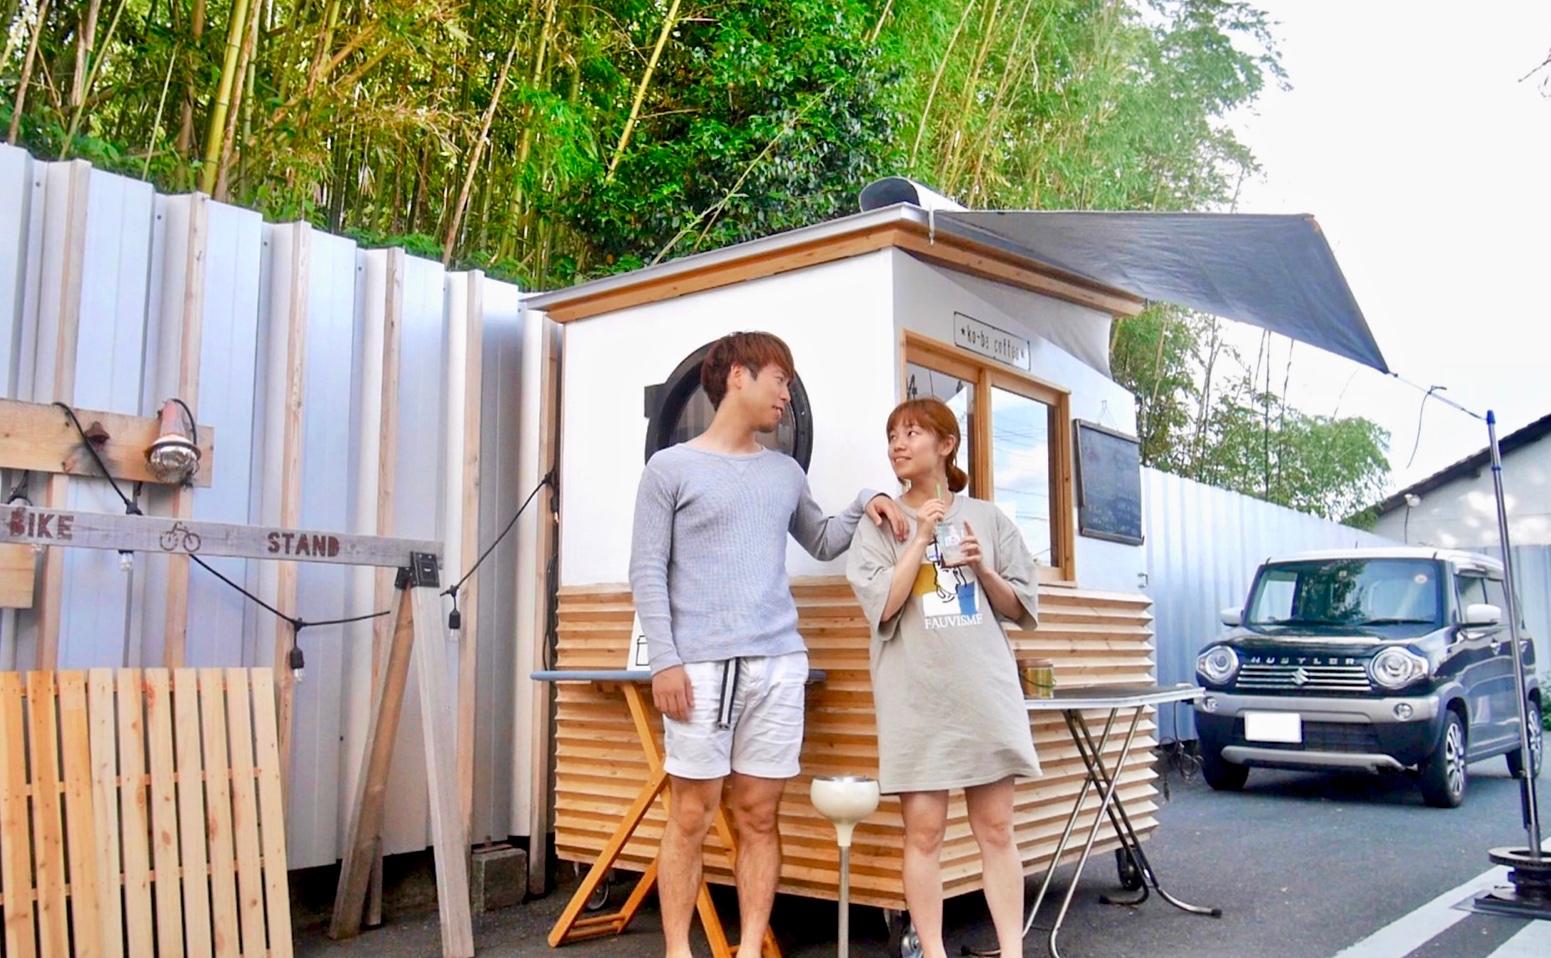 静岡/浜松で車中泊!コーヒースタンド「ナオさんとこ」えりたく夫婦が行ってきた